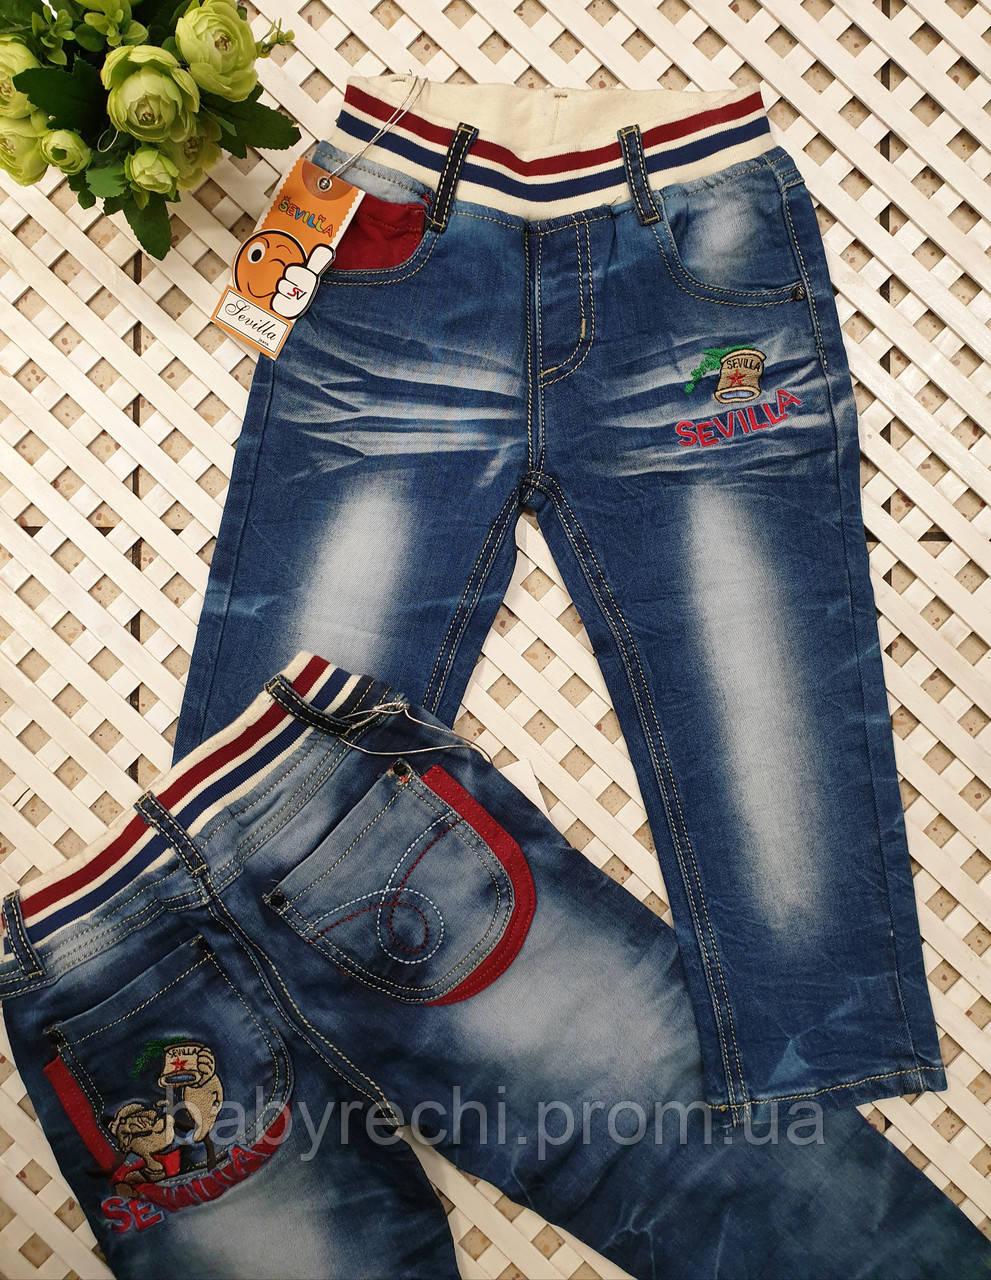 adee64505ee Детские синие джинсы на резинке